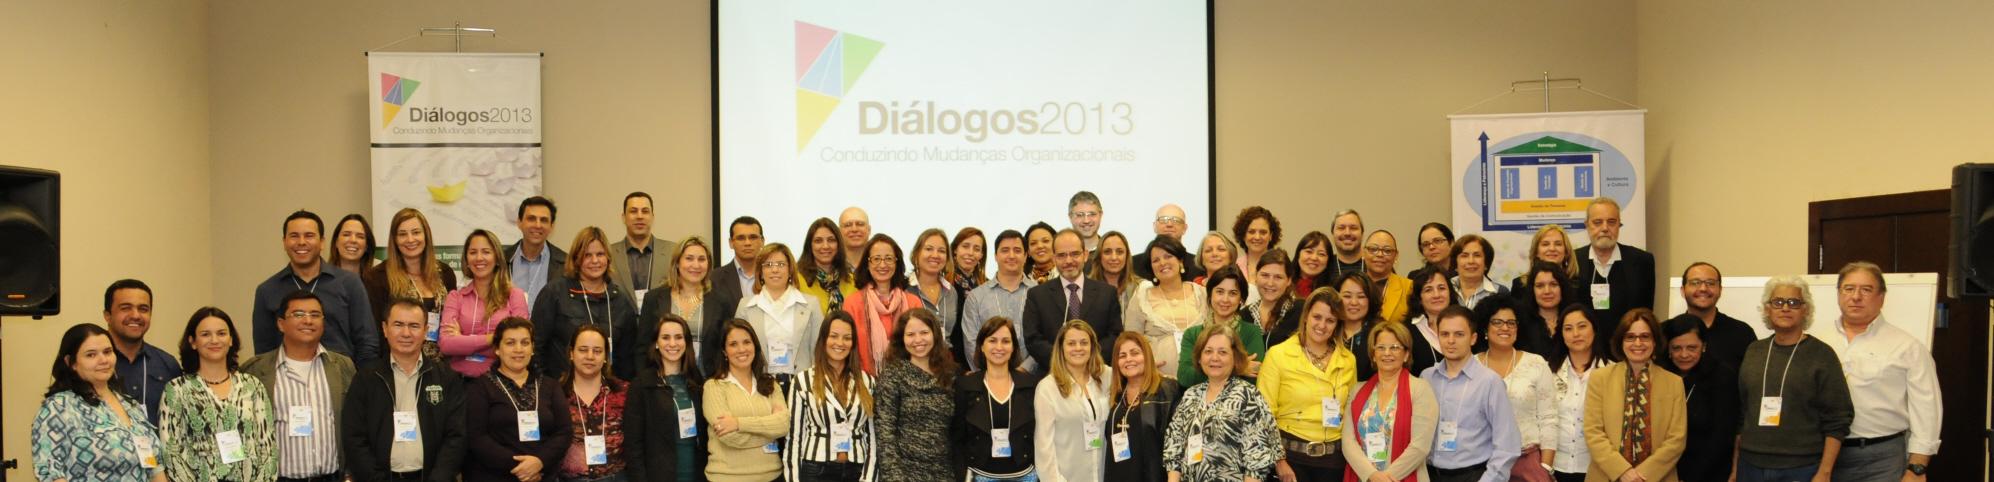 participantesdialogos2013